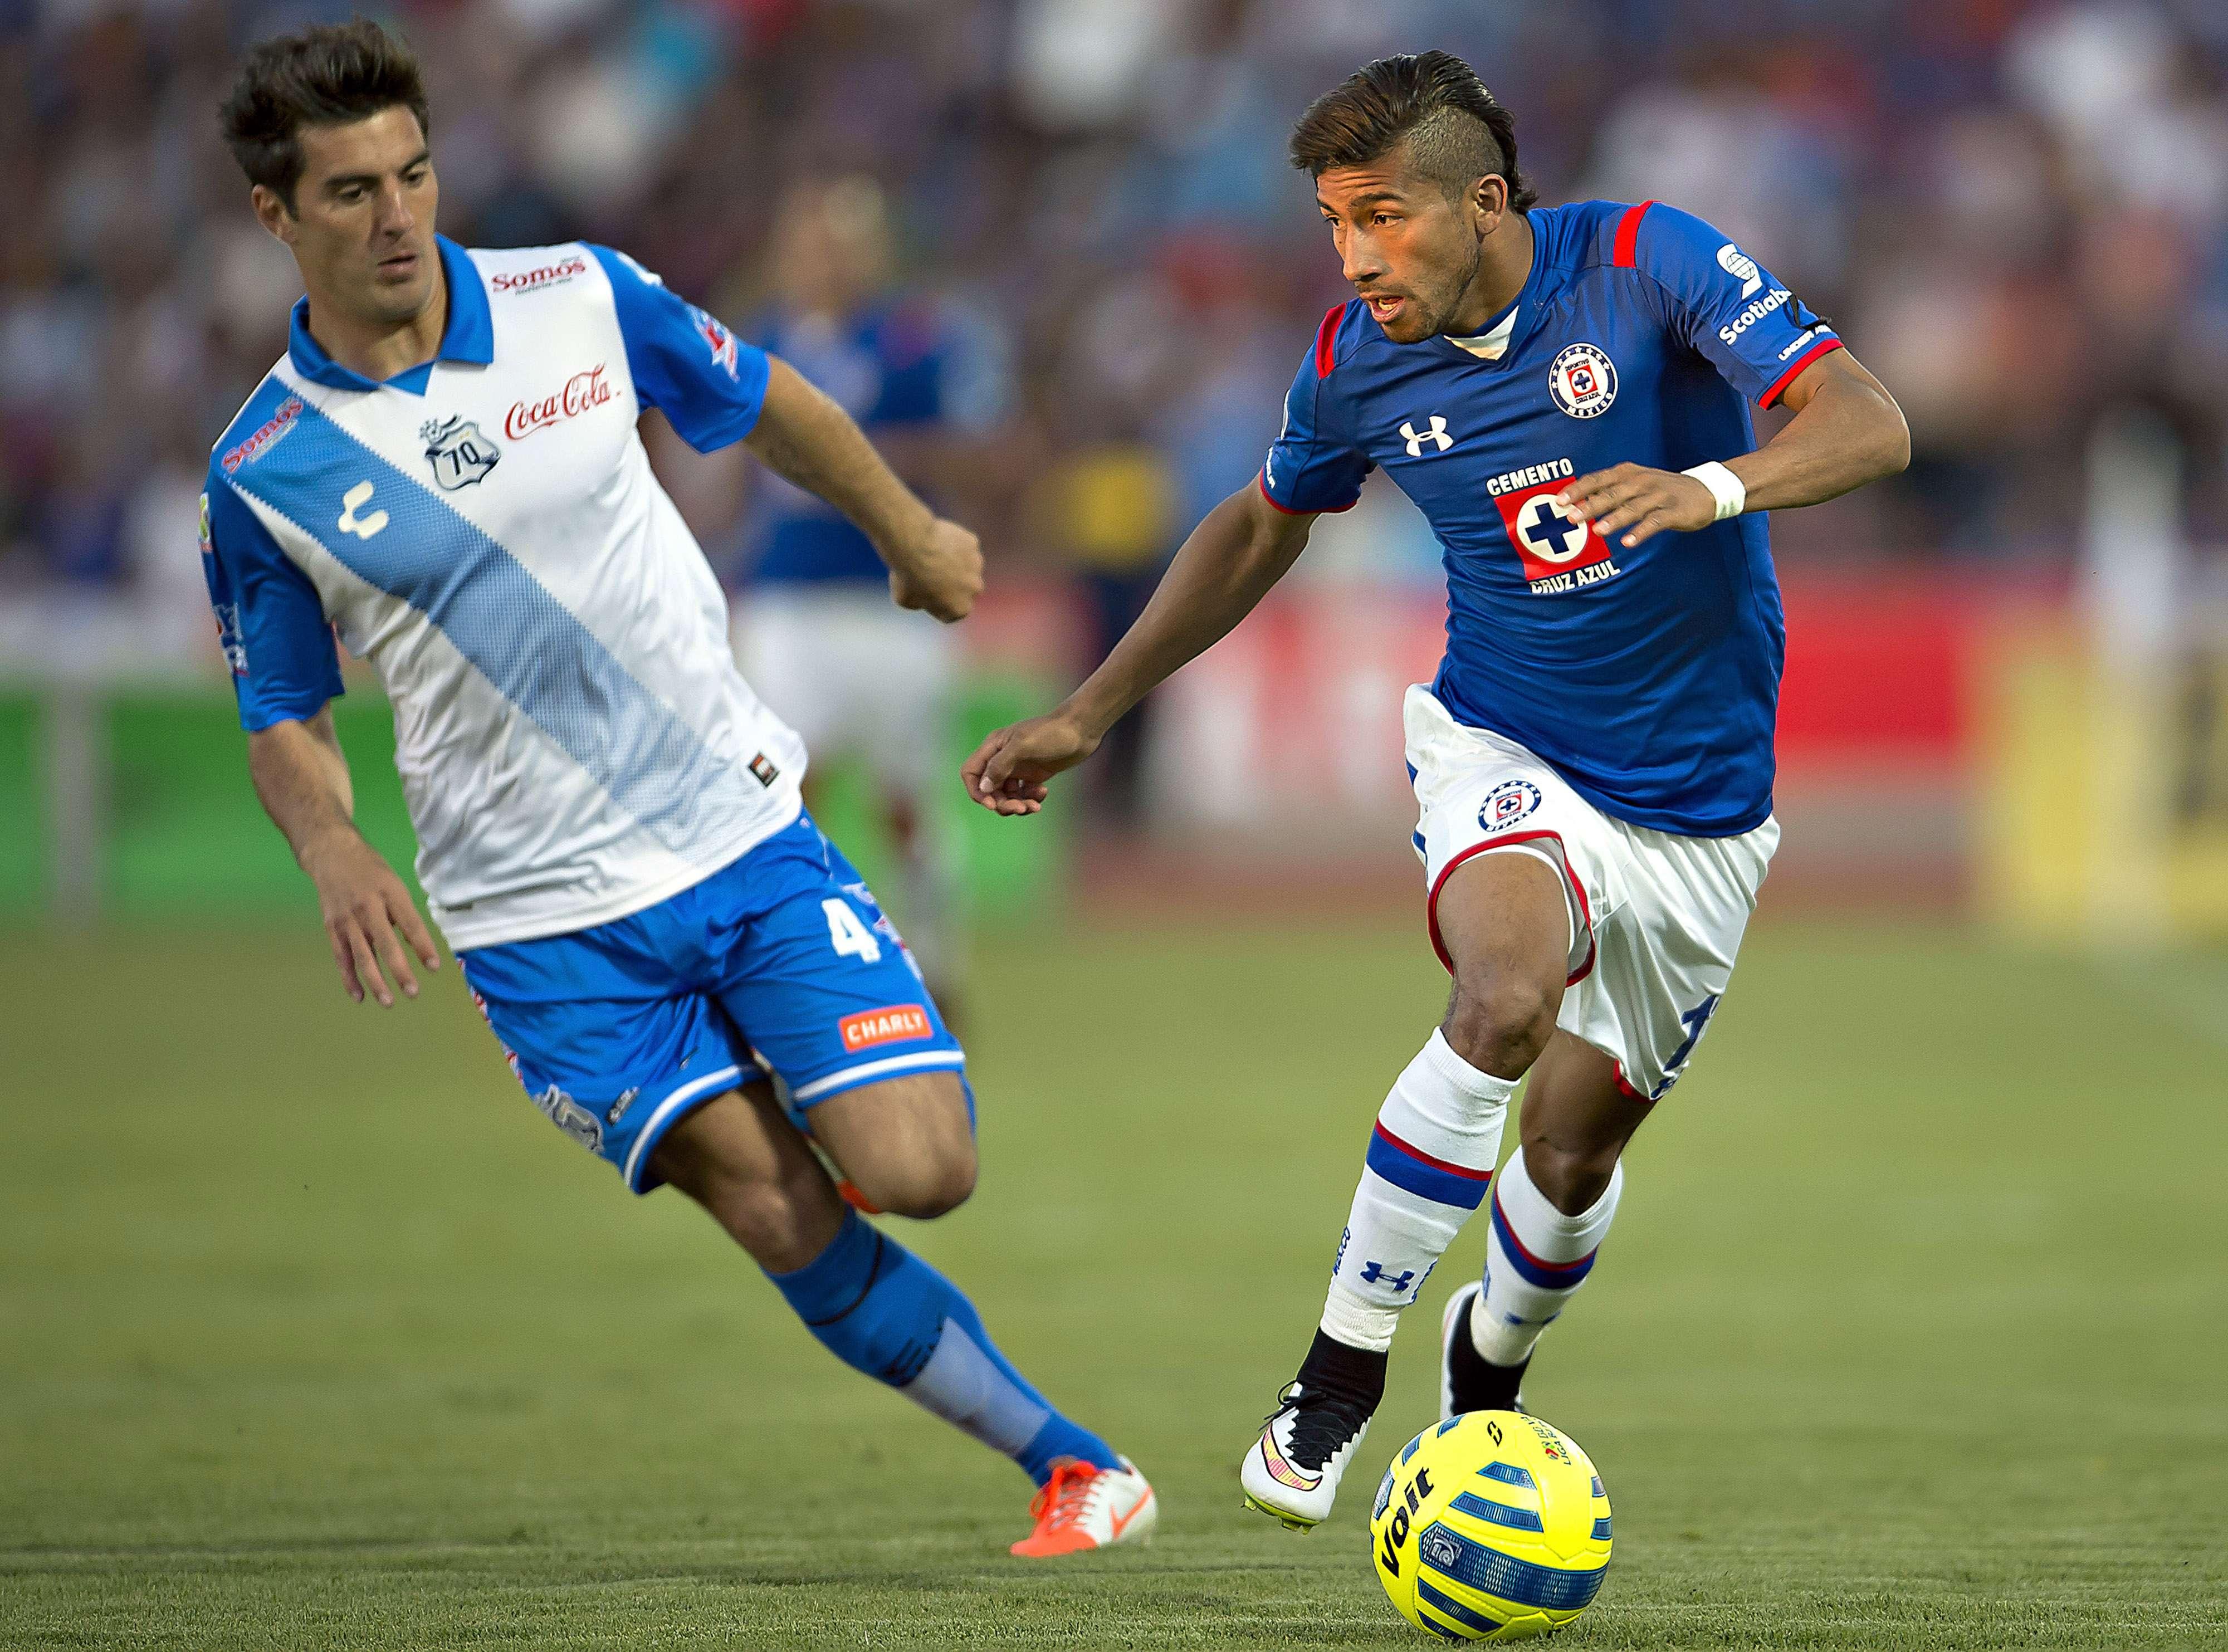 La Franja acumula cuatro años sin vencer al Cruz Azul en Puebla. Foto: Mexsport